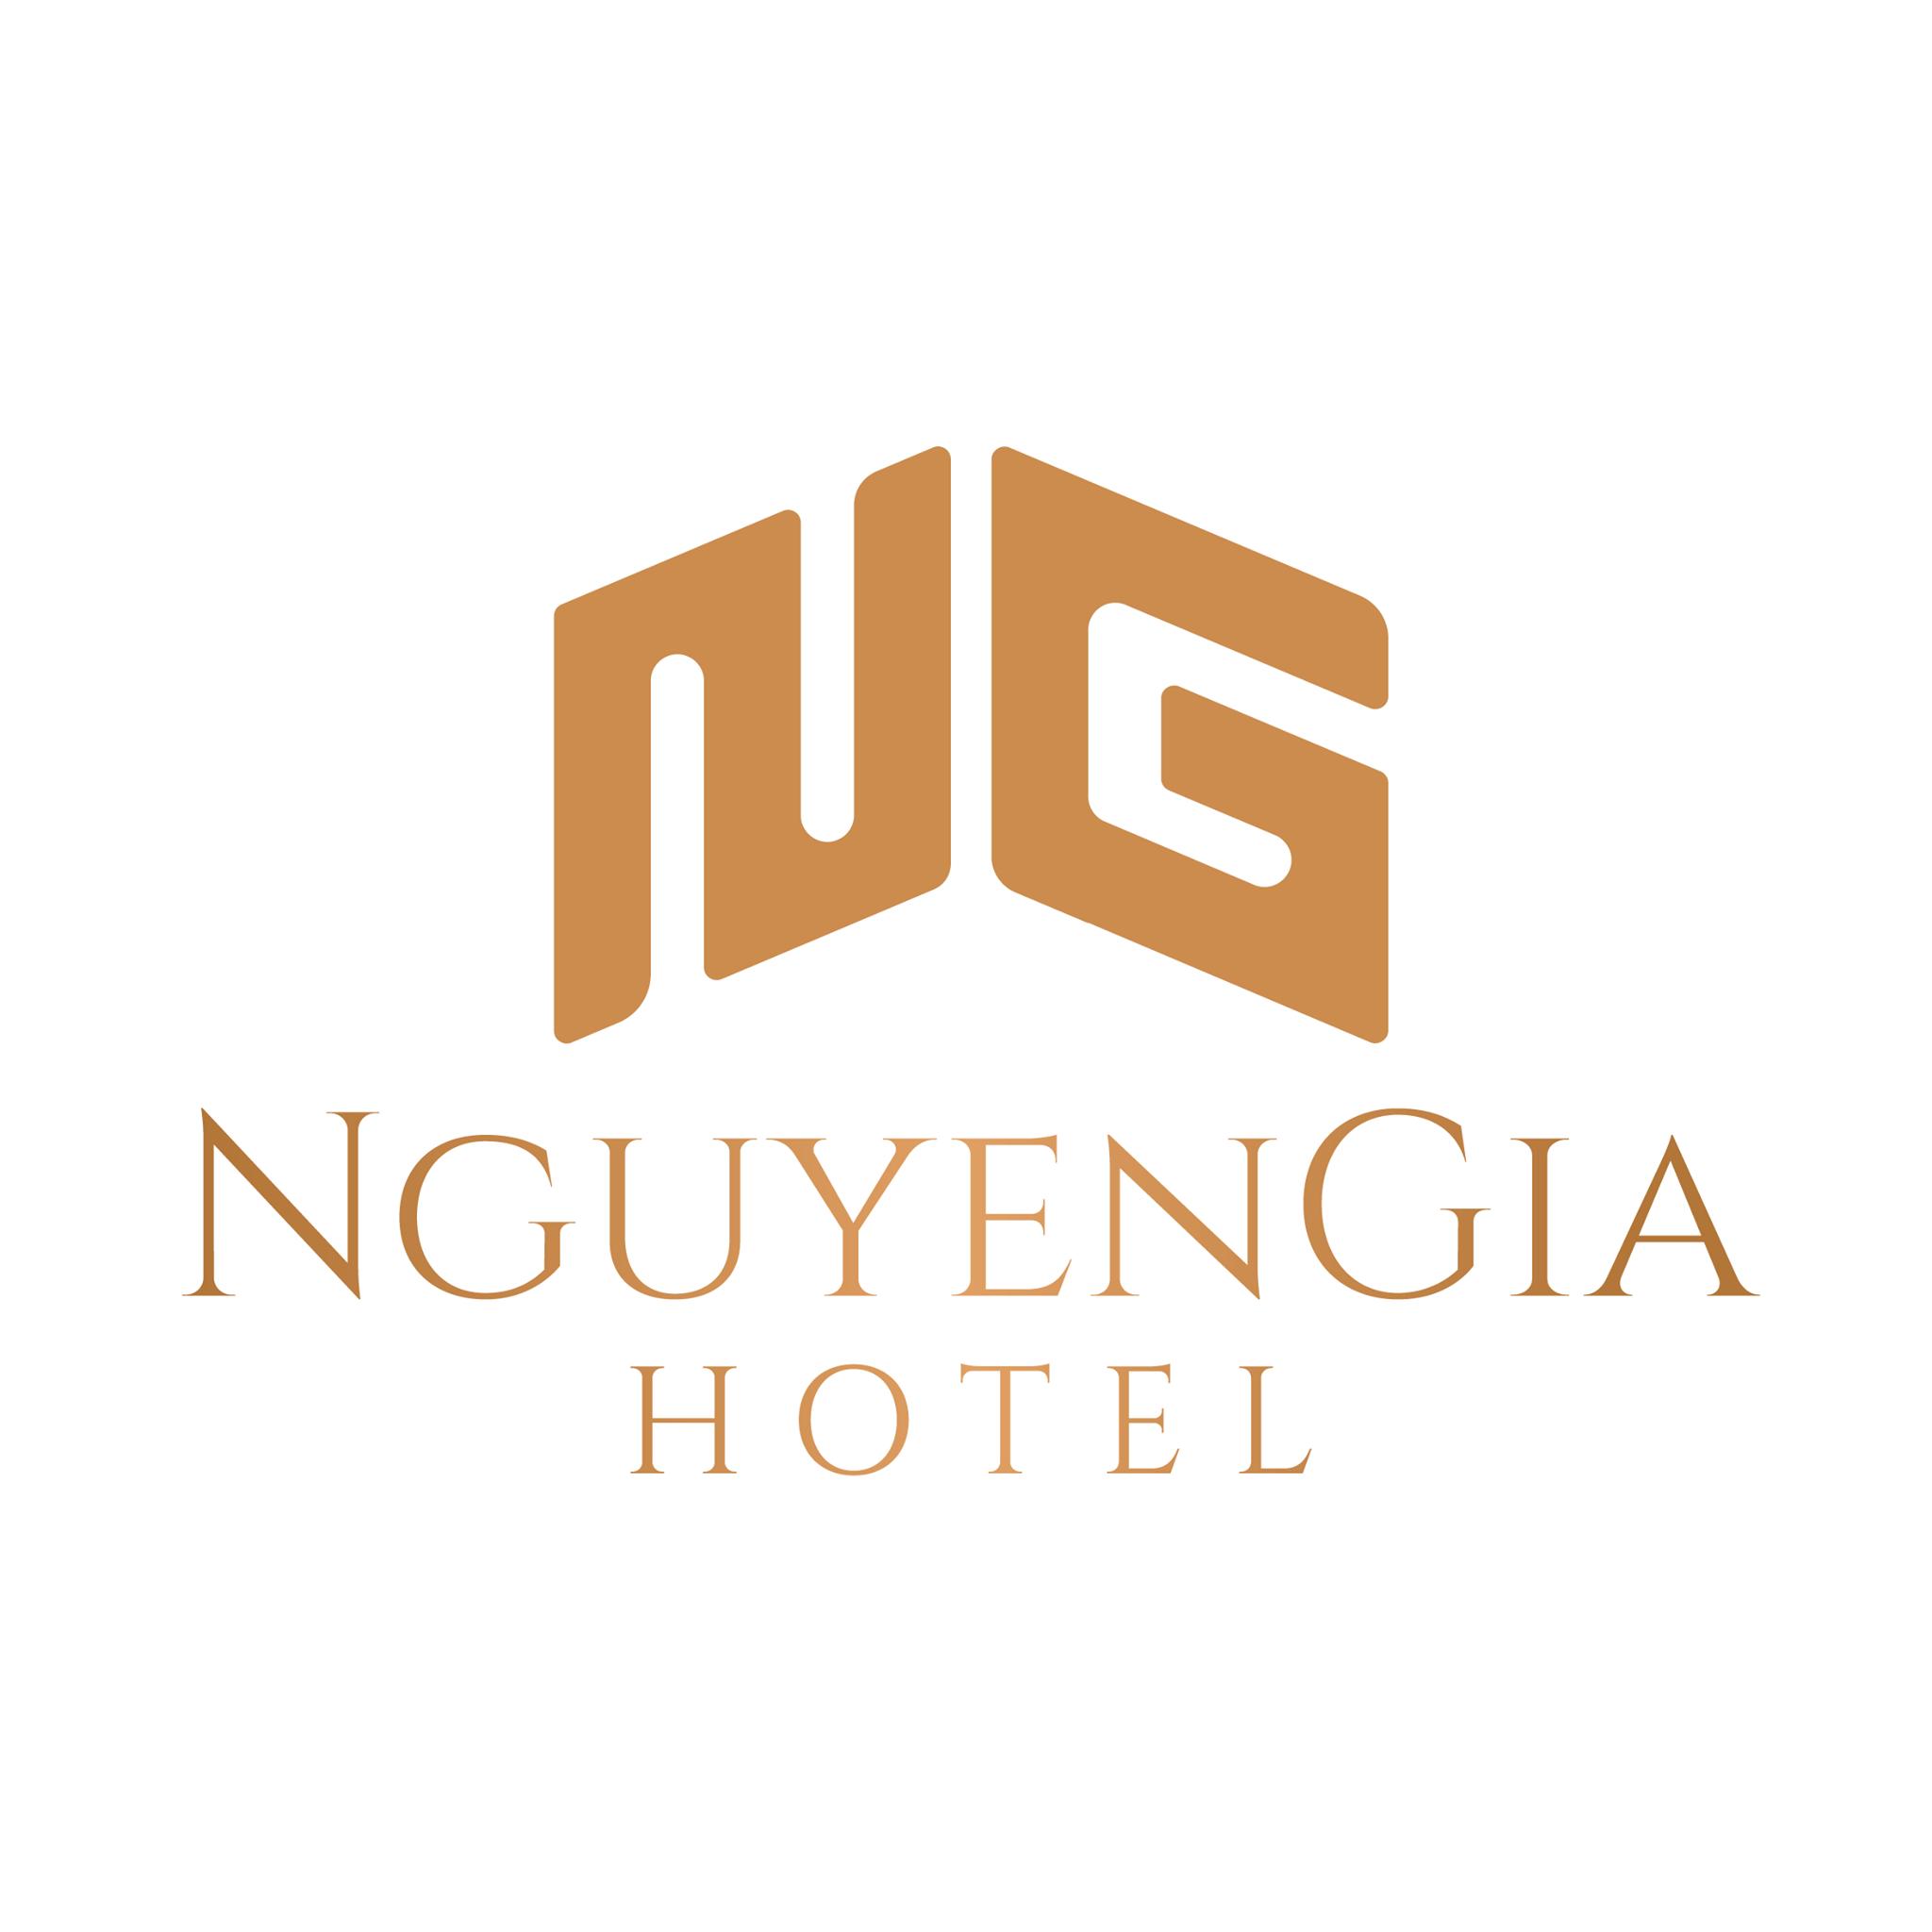 NGUYEN GIA HOTEL